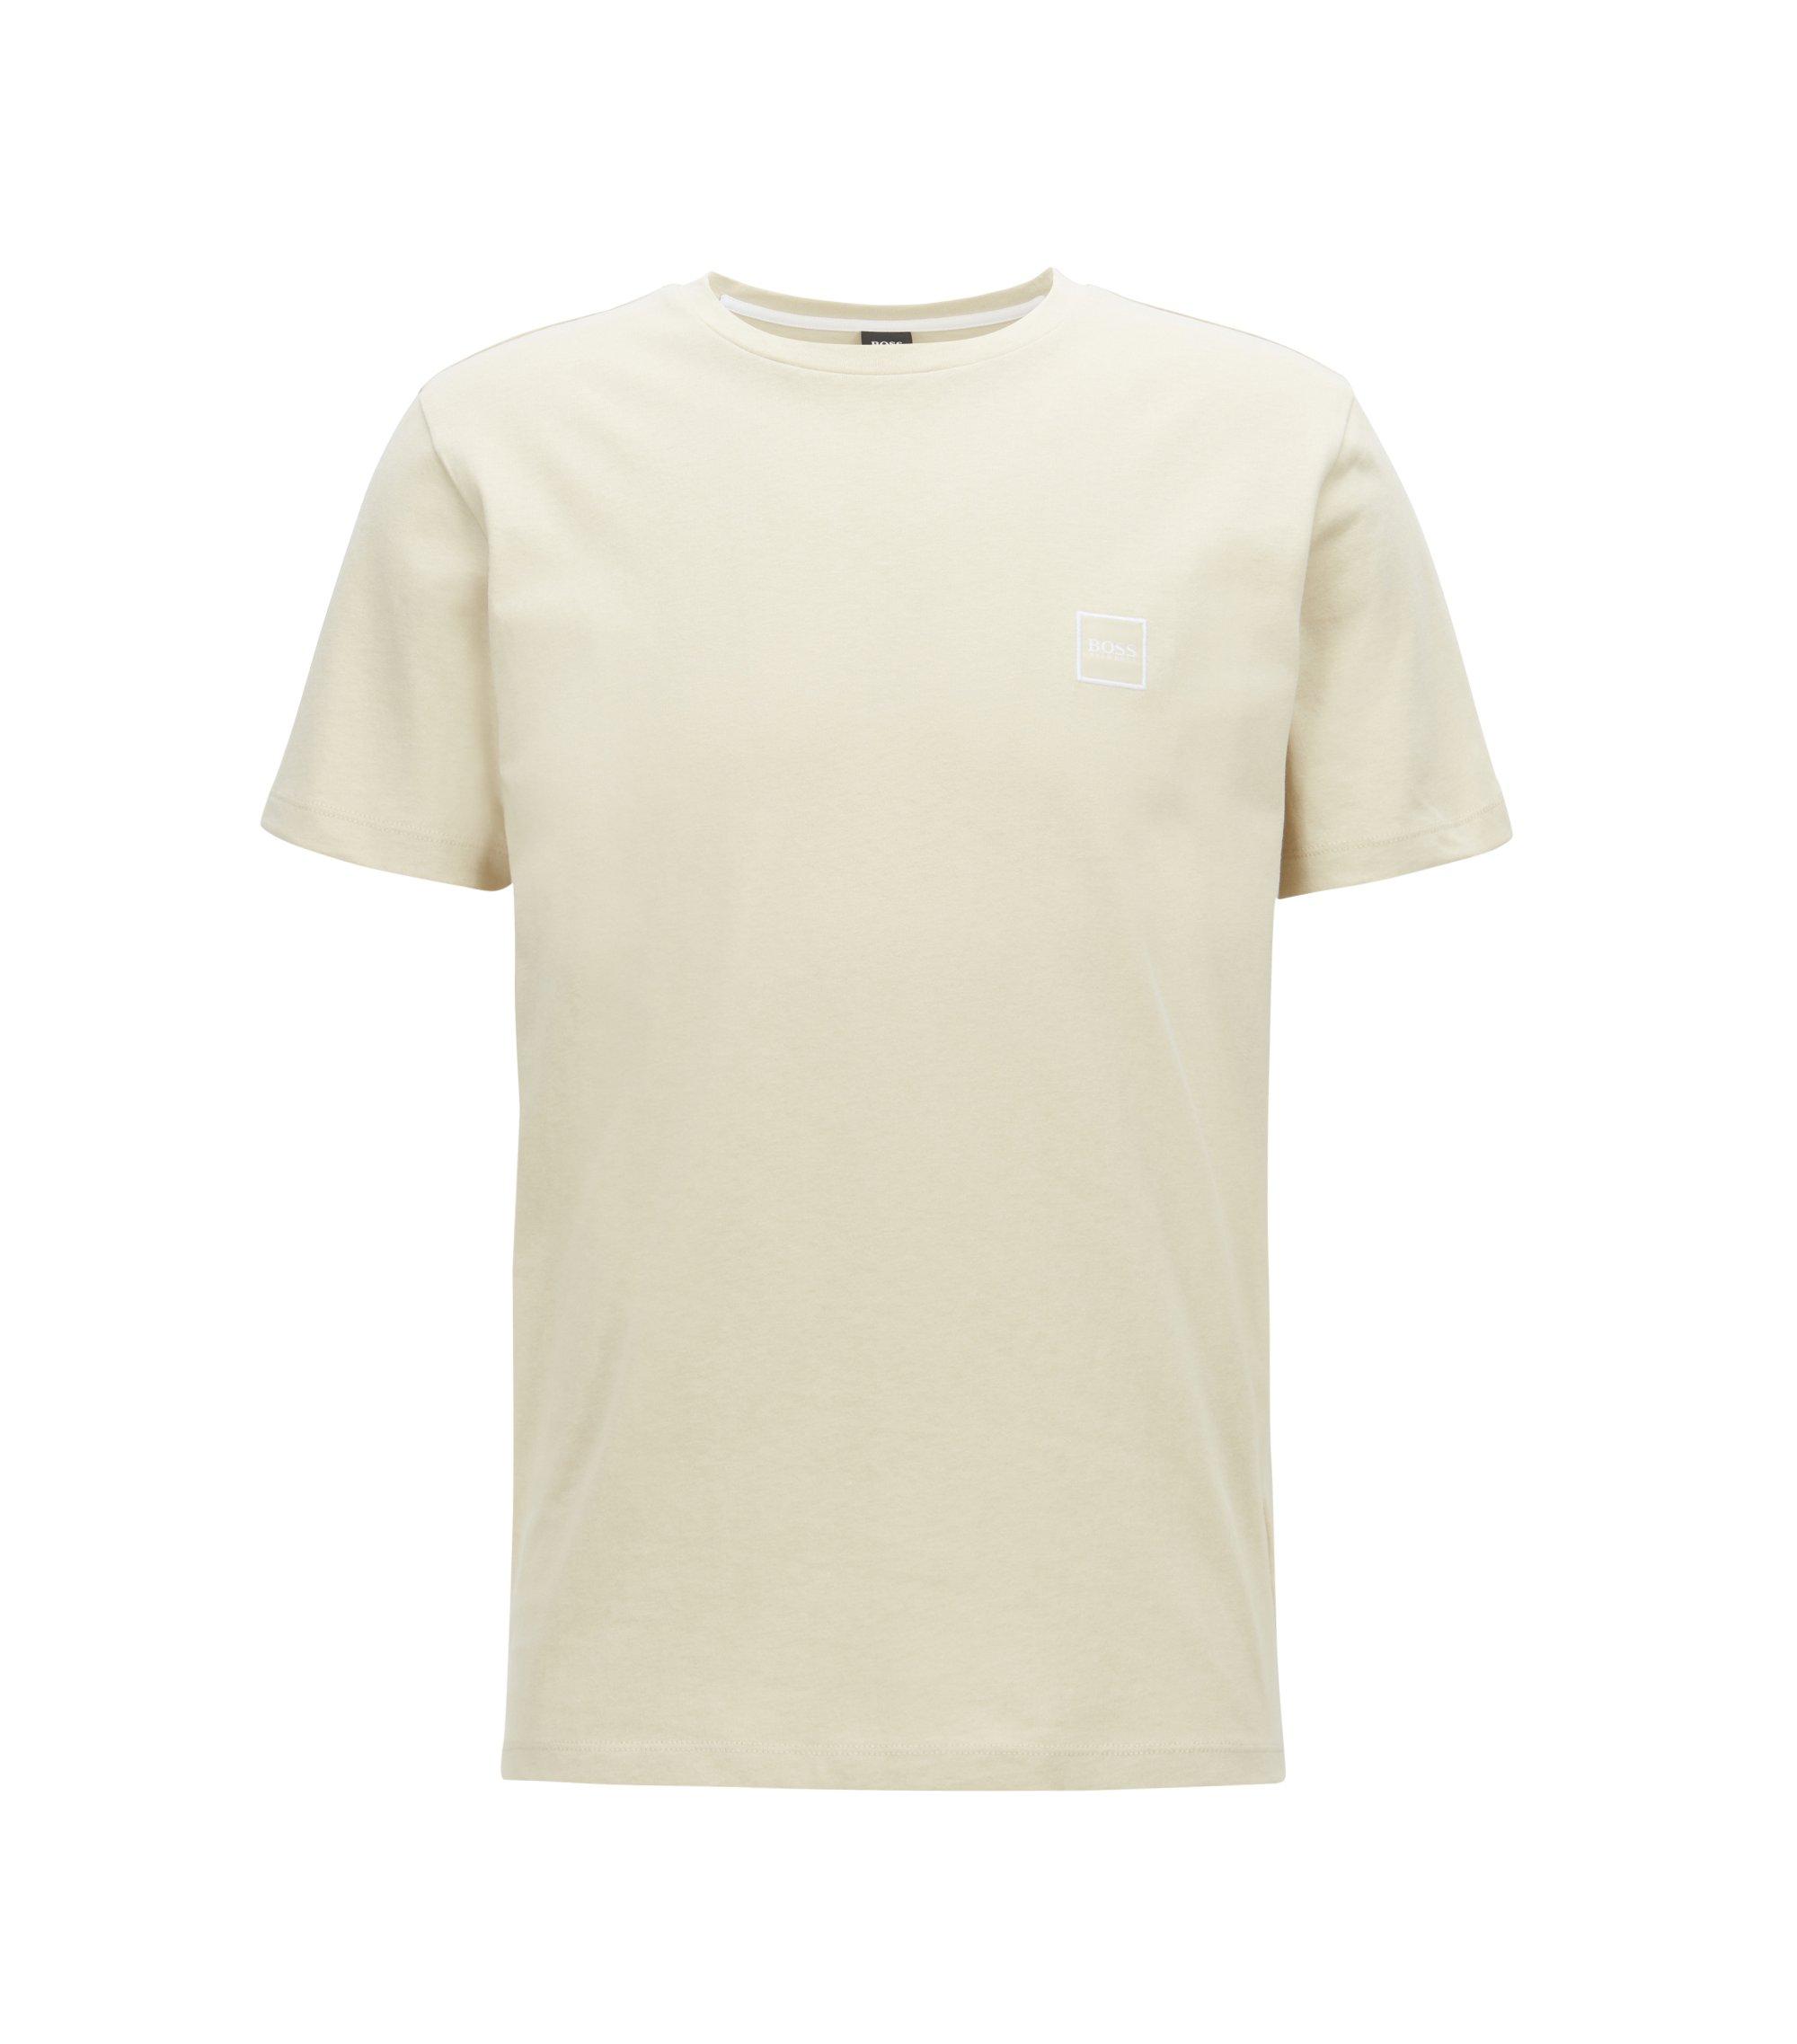 T-Shirt aus Baumwoll-Jersey mit Rundhalsausschnitt, Beige